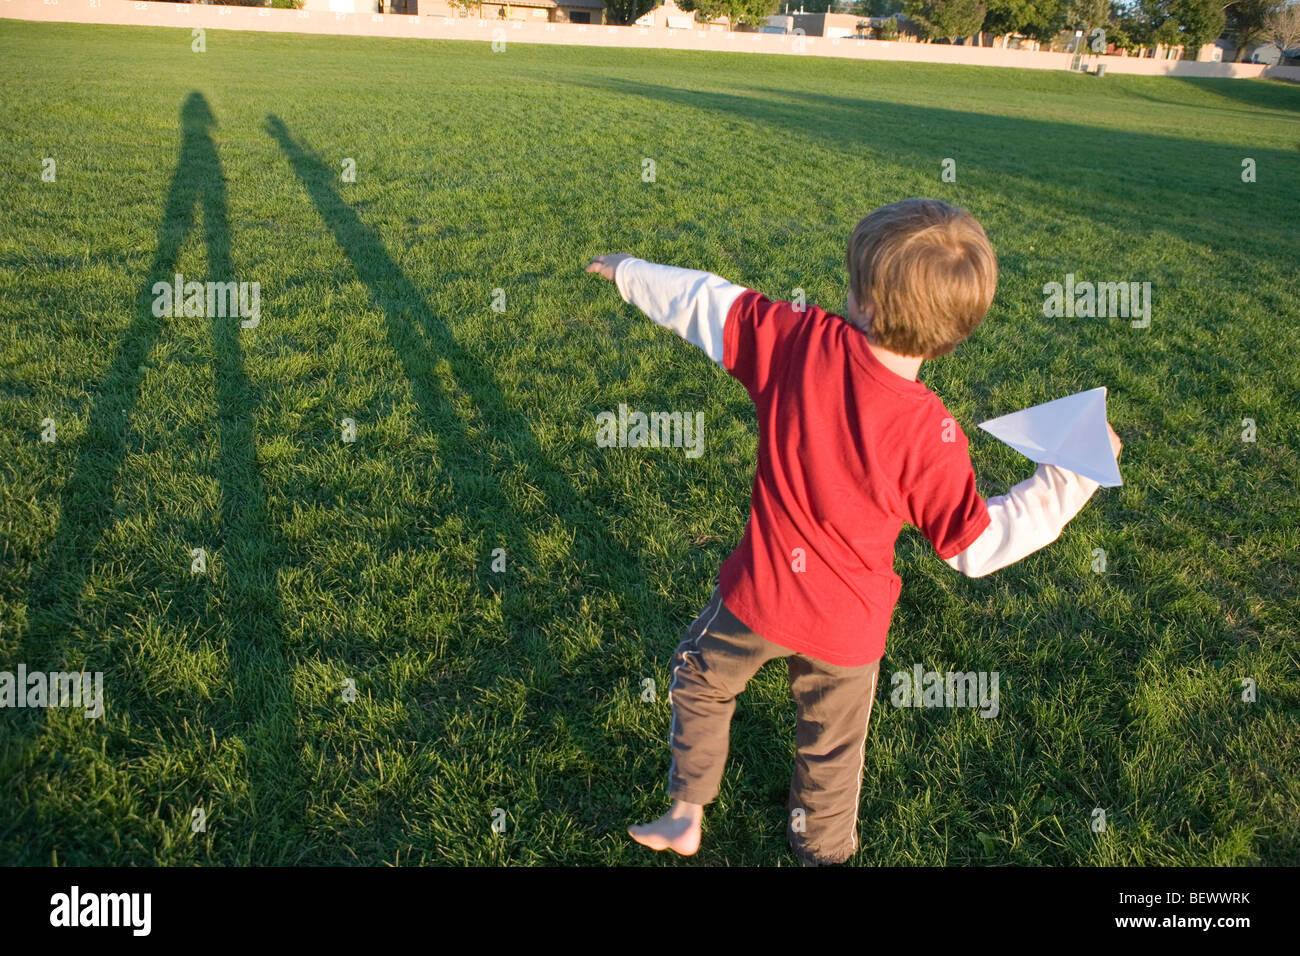 Niño de siete años preparándose para lanzar su avión de papel en un parque Imagen De Stock